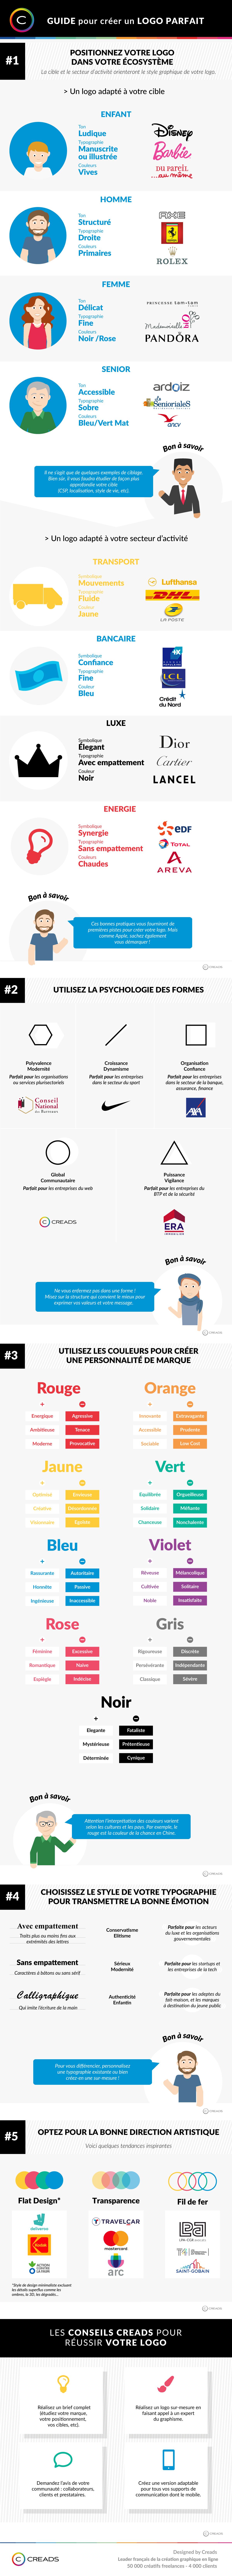 Creads_Infographie_LogoParfait_1200